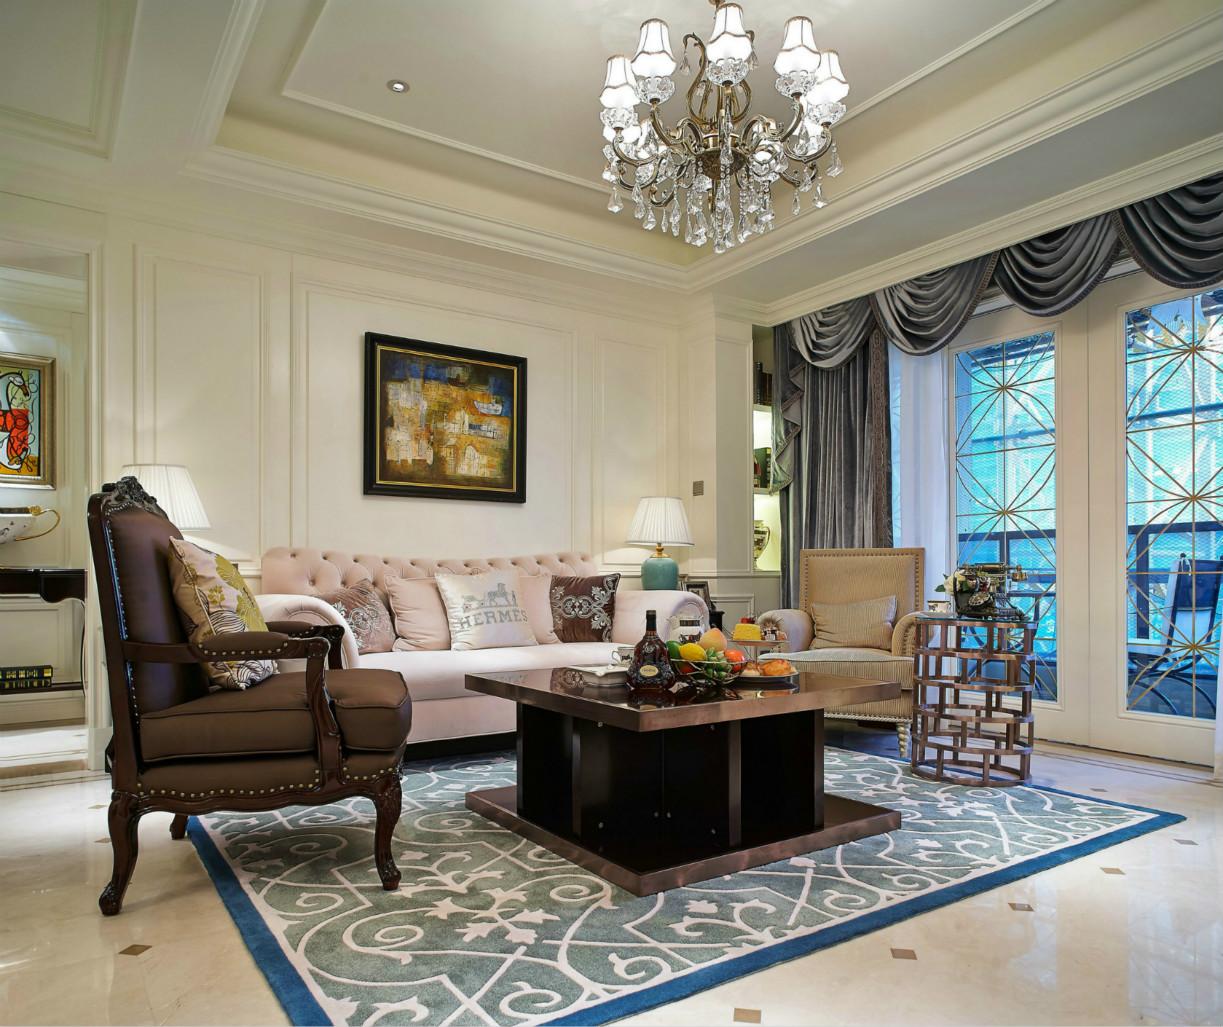 从壁画、沙发、窗帘、灯具等等就可以看出房子的贵族范儿。